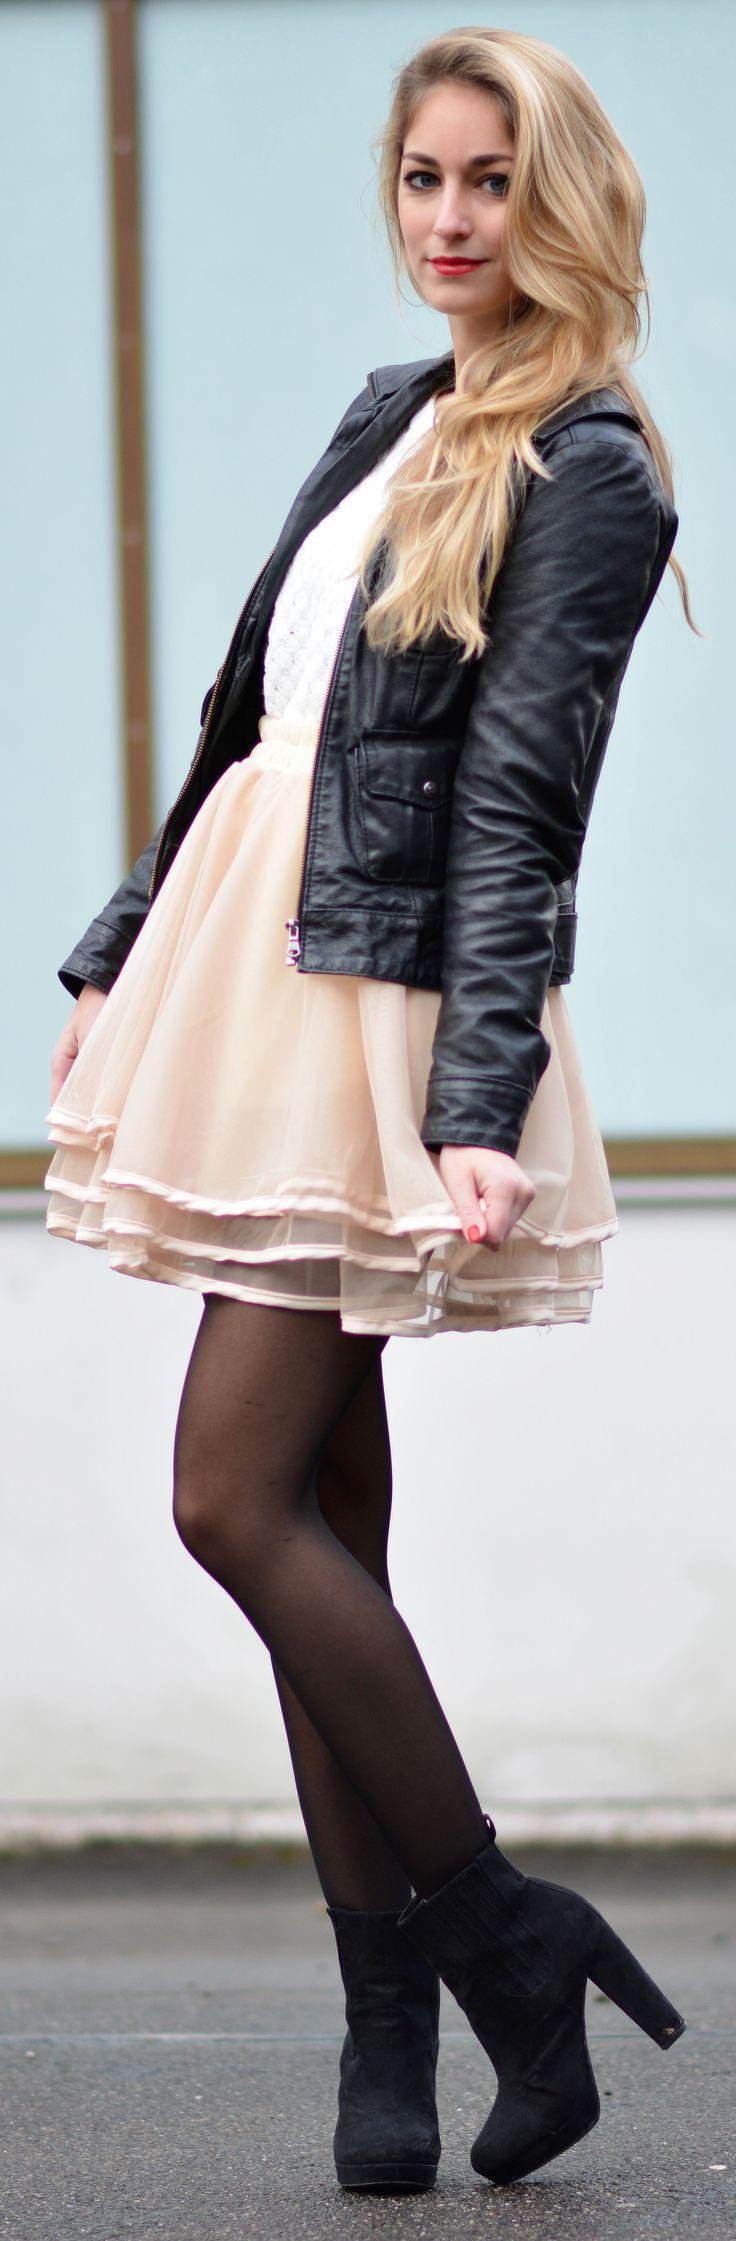 Sheinside Apricot Cascading Ruffle Lace Skirt